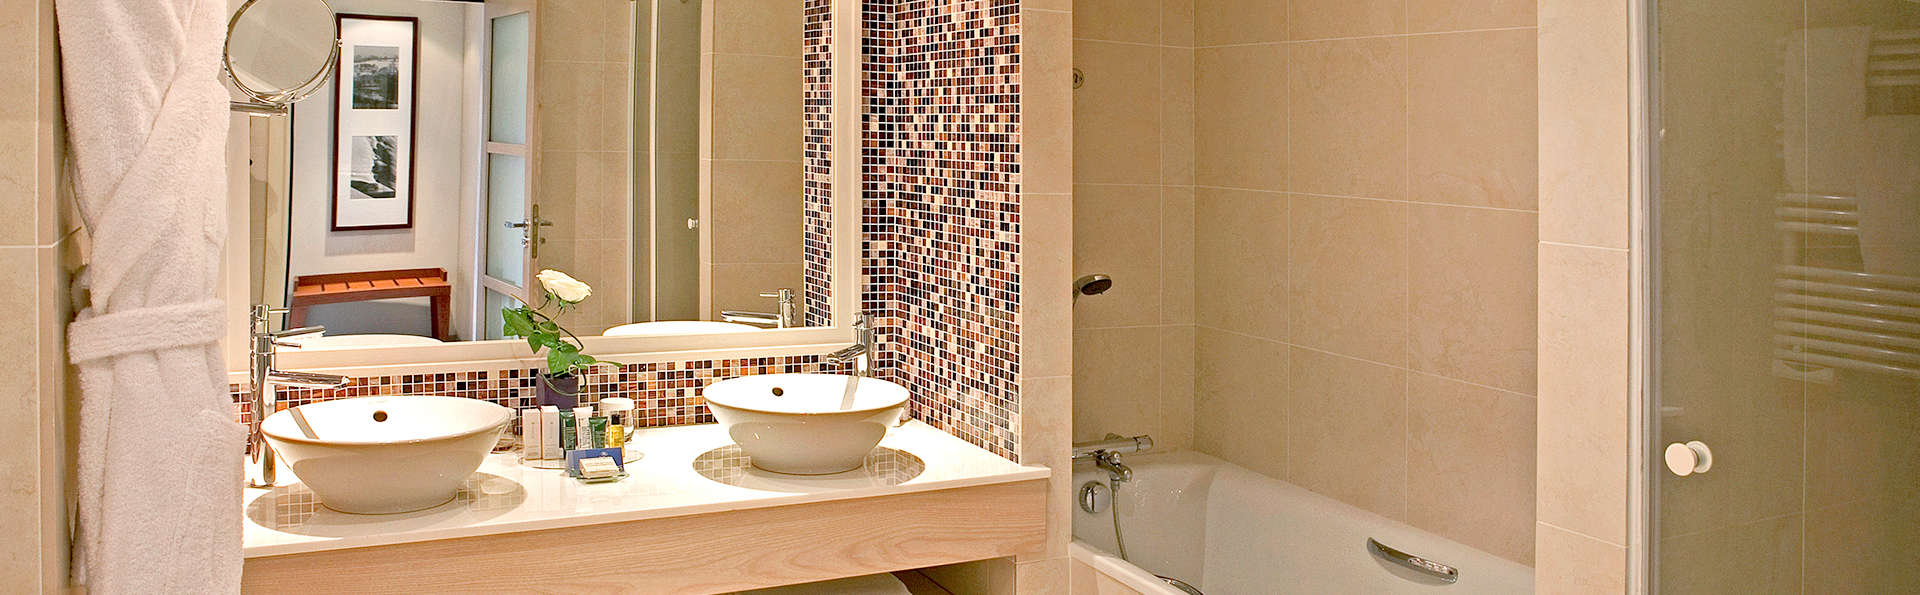 Hauteur Meuble Salle De Bain Vasque A Poser ~ hilton vian les bains 4 evian les bains france